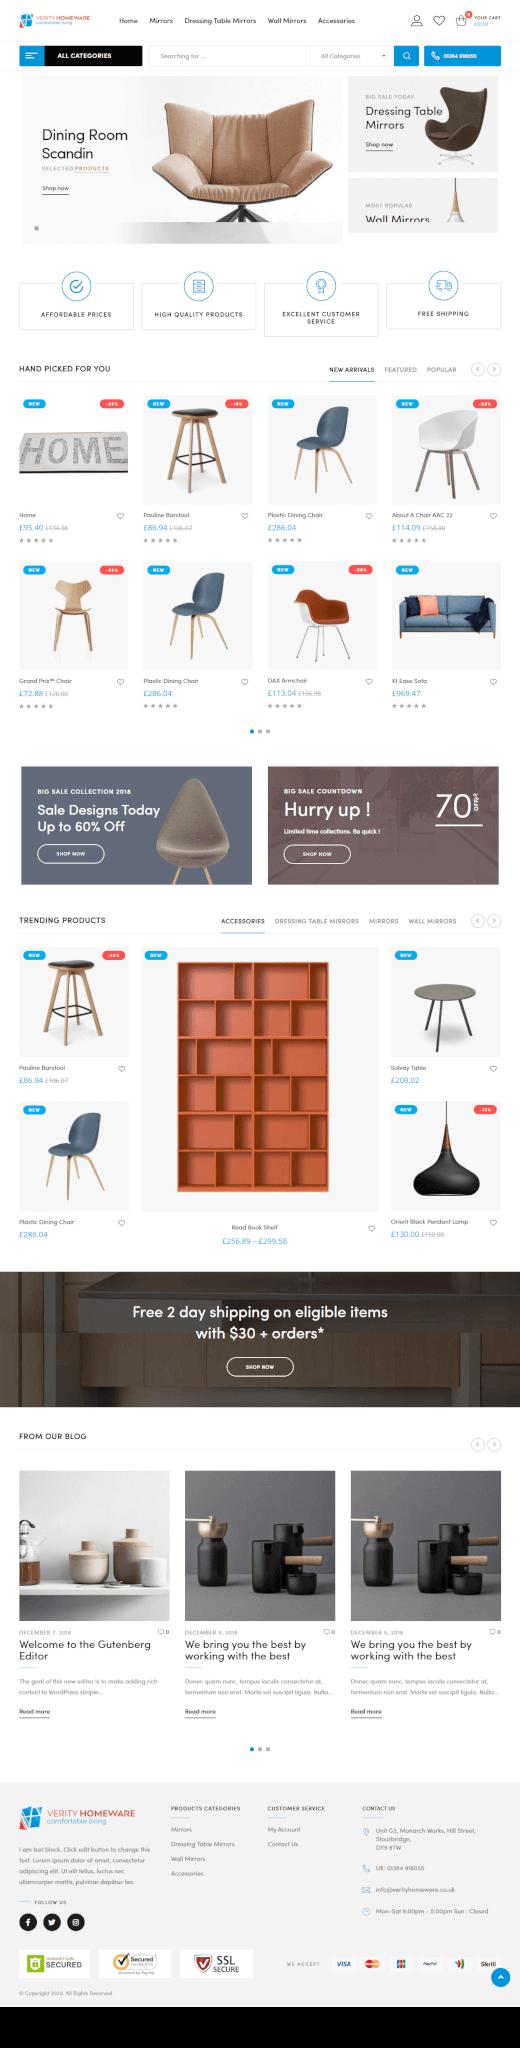 Cirque Constructions - Website Design and Development by Abdul Mateen